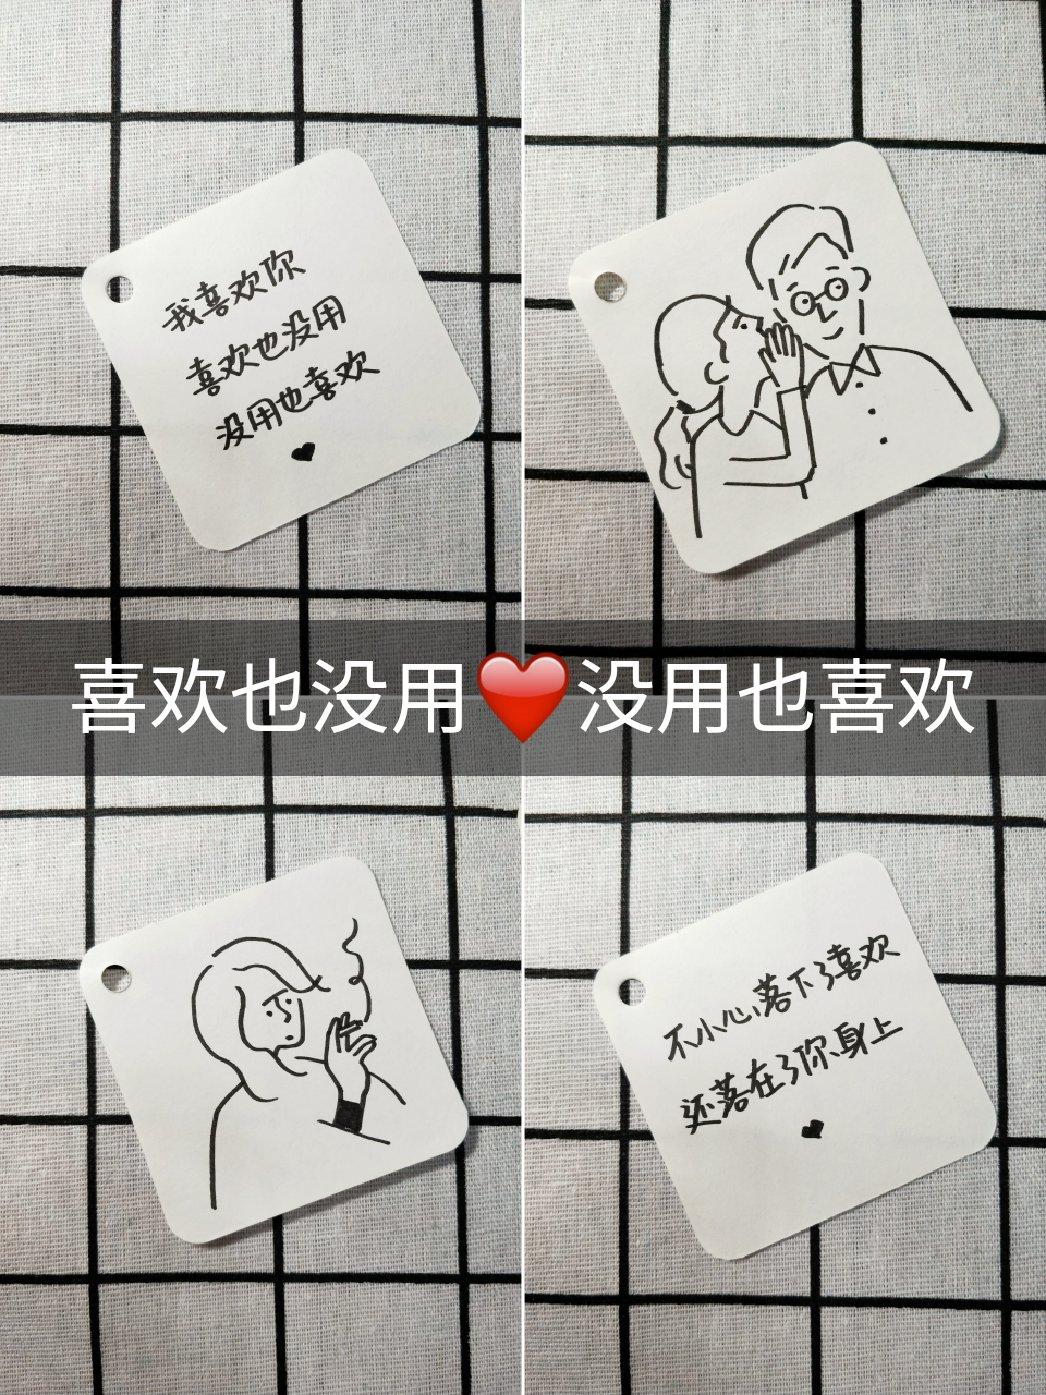 我喜欢你 喜欢也没用 没用也喜欢  #简笔画##手绘##语录